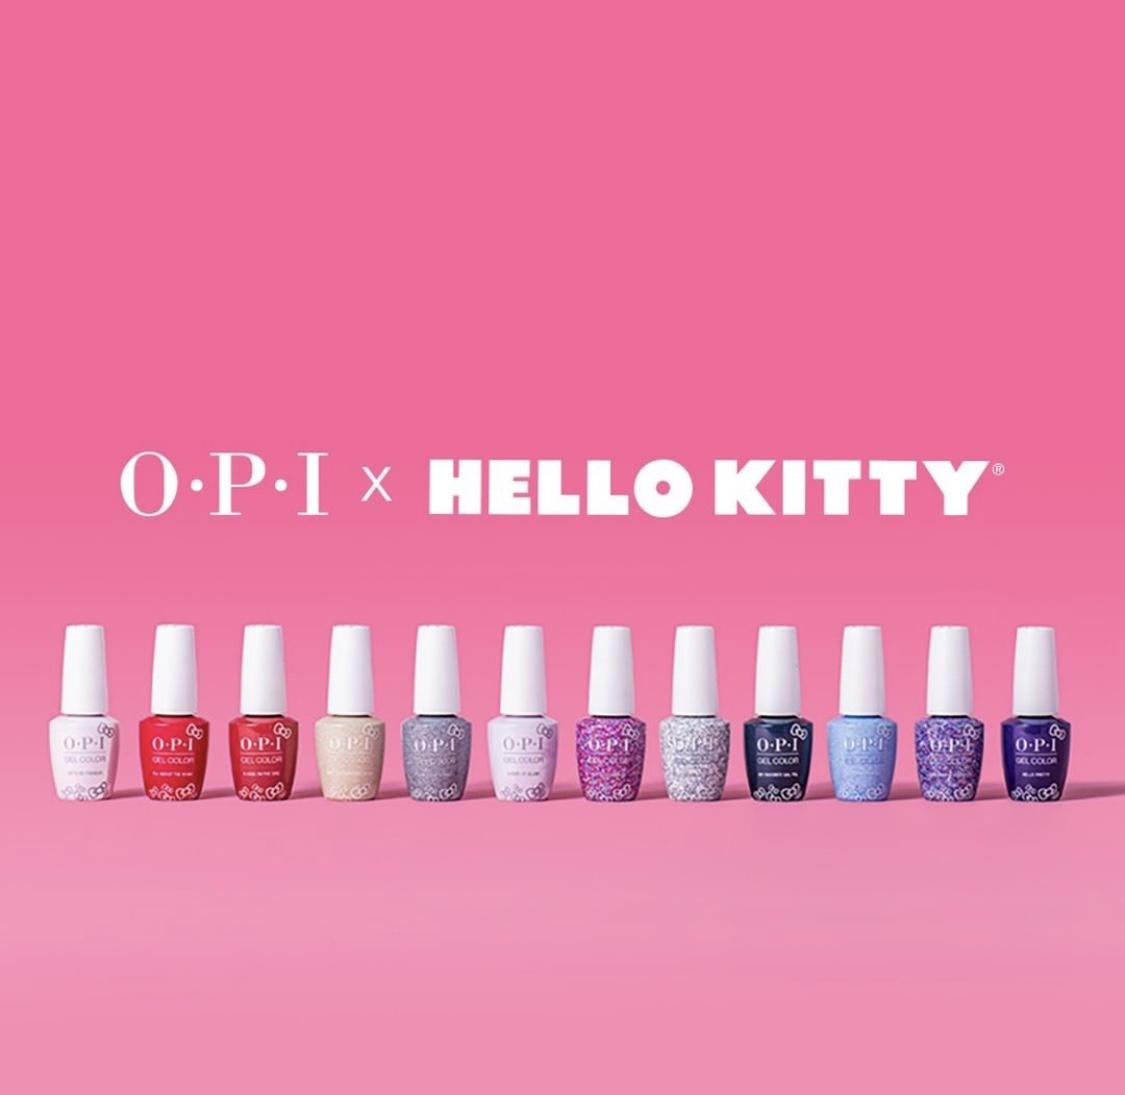 Świąteczna kolekcja Hello Kitty